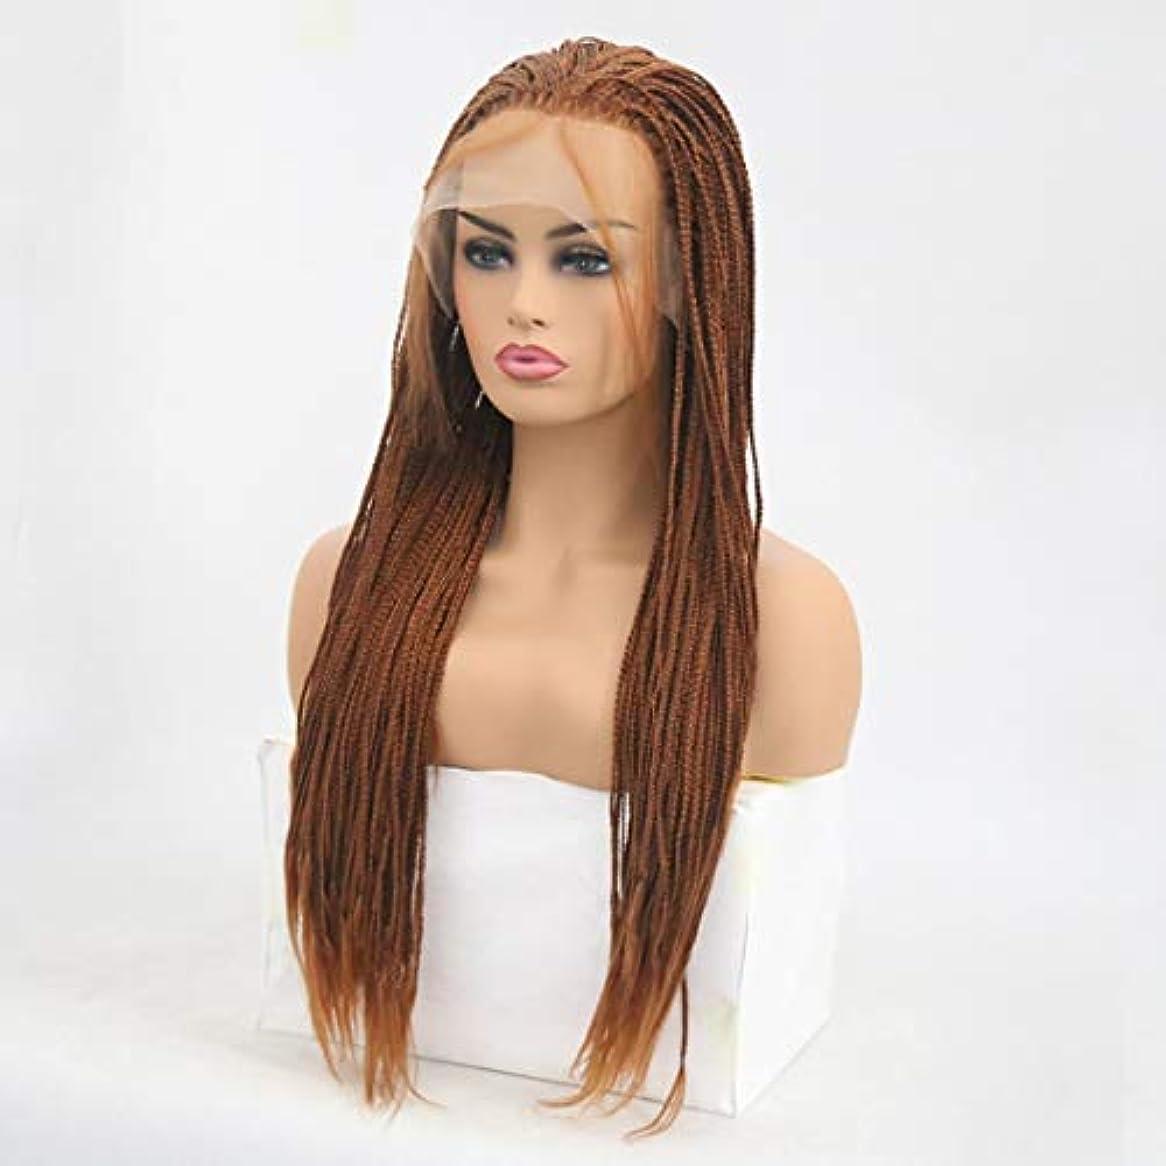 ずっと胆嚢保険Kerwinner 女性のための前髪の髪のかつらで絹のような長いストレート黒かつら耐熱合成かつら (Size : 20 inches)